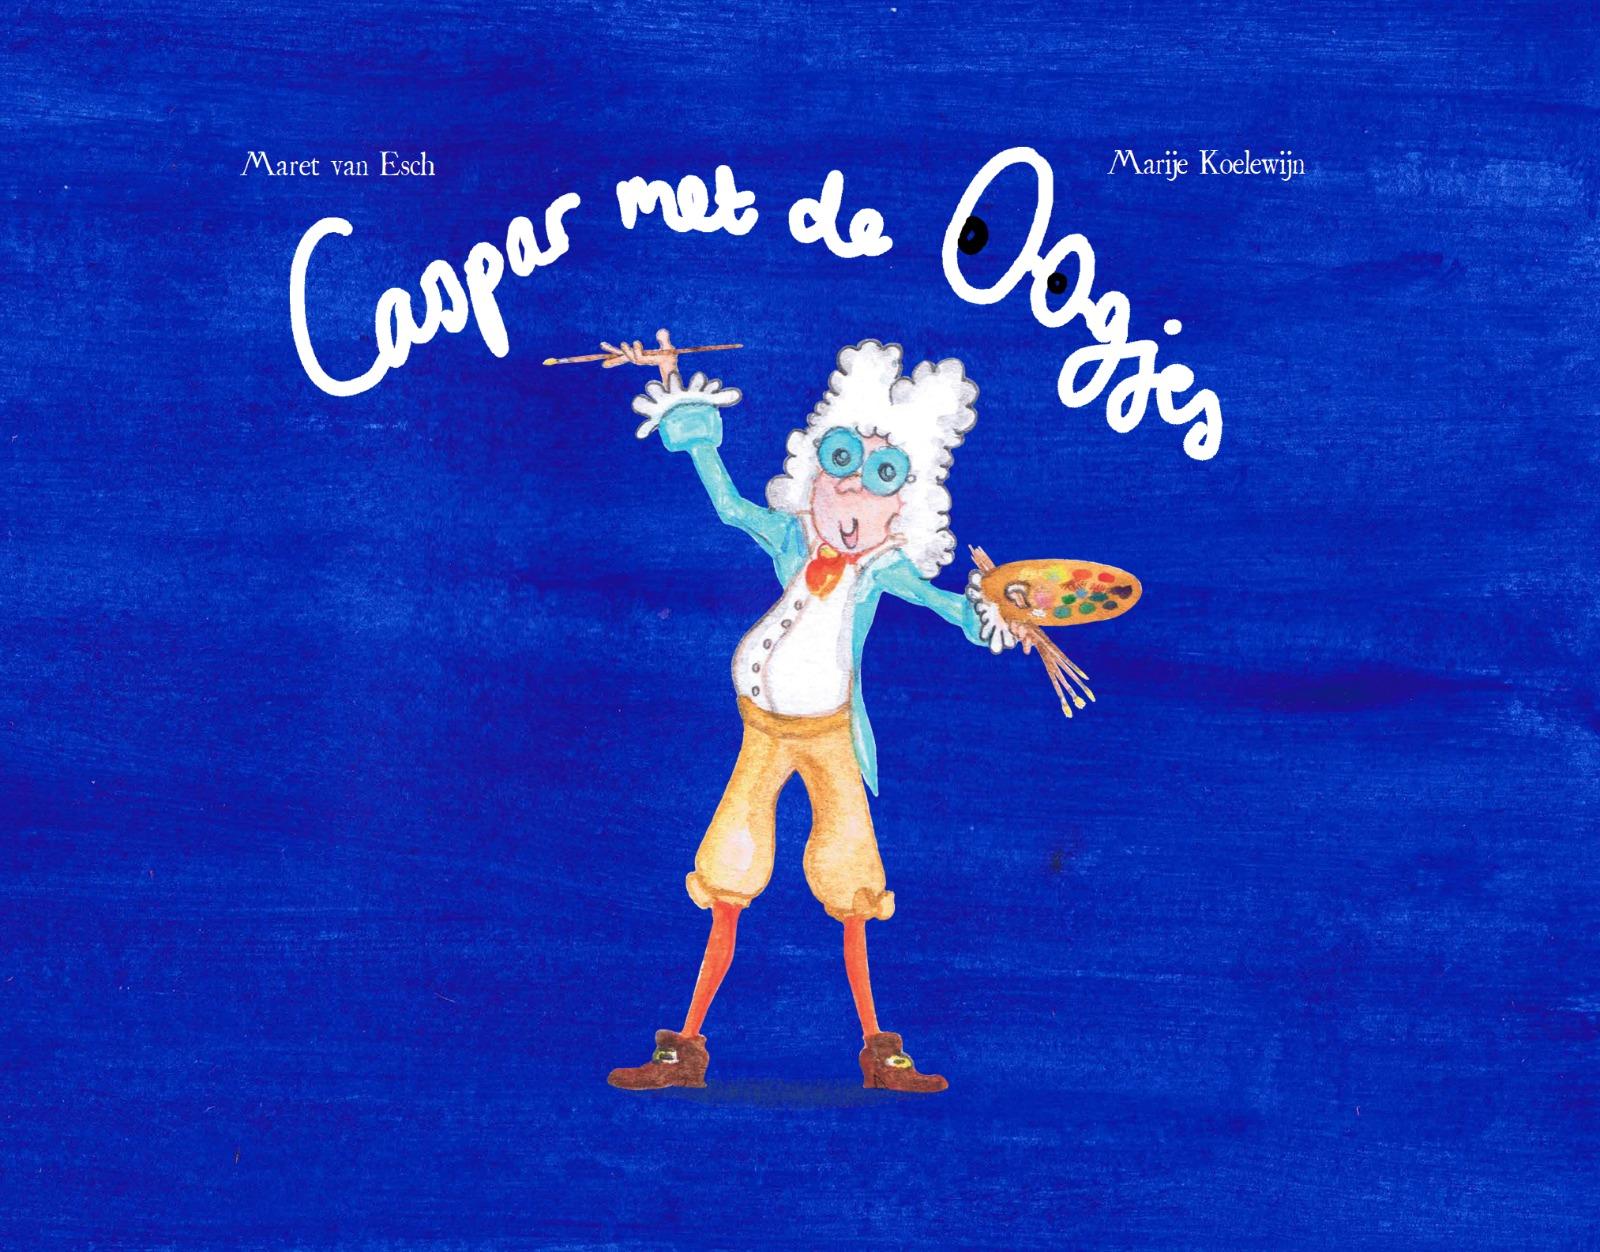 Voorkant boek Caspar met de Oogjes.JPG